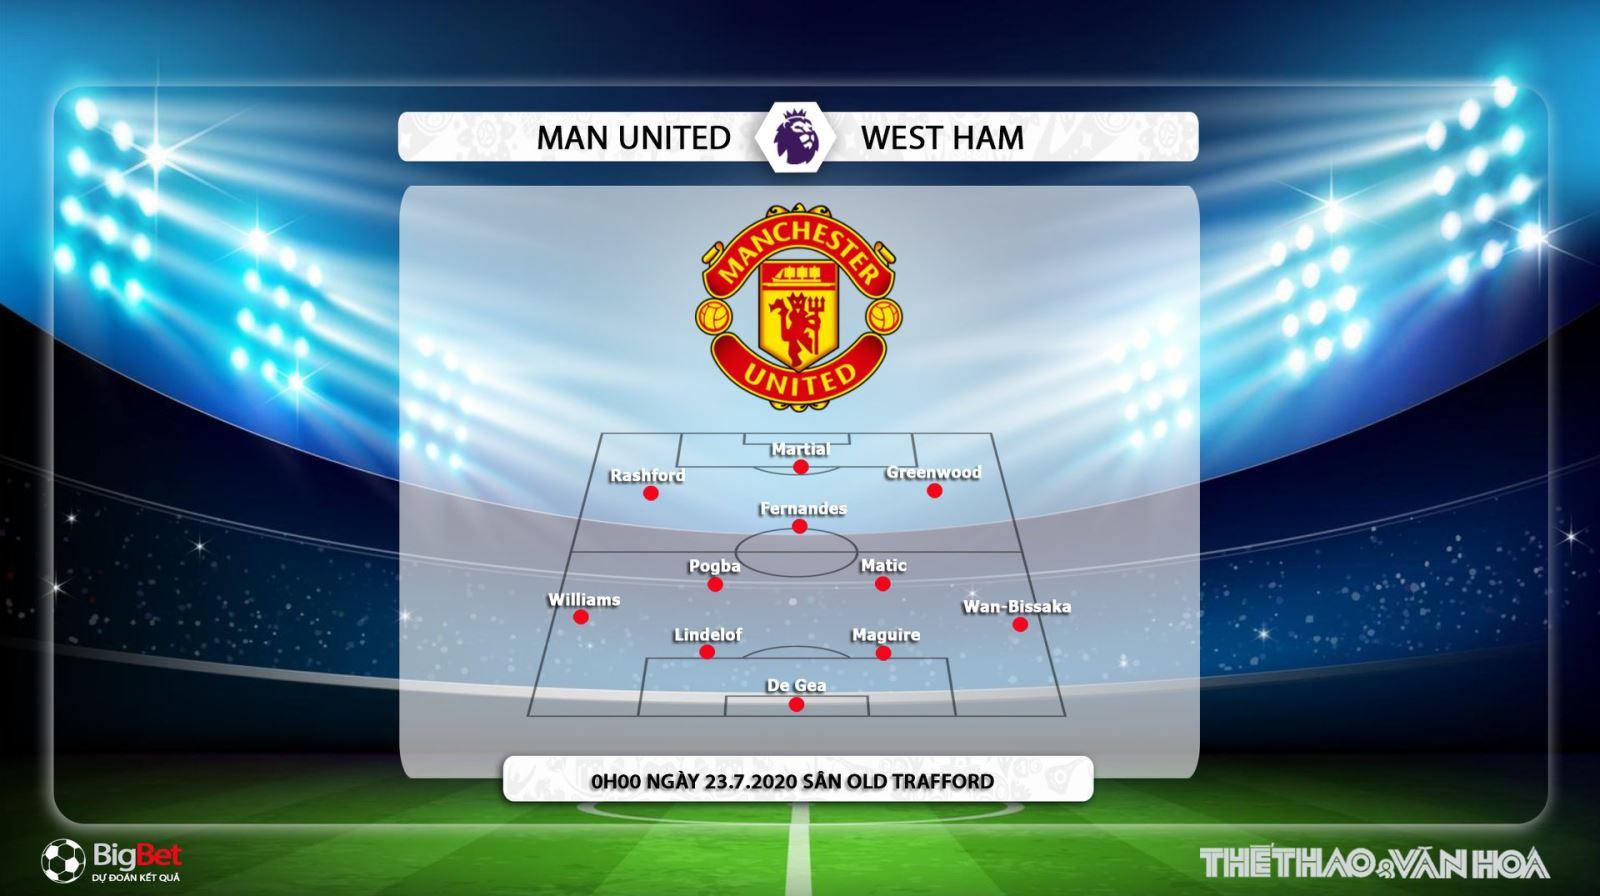 Nc247info tổng hợp: Soi kèo bóng đá. MU vs West Ham